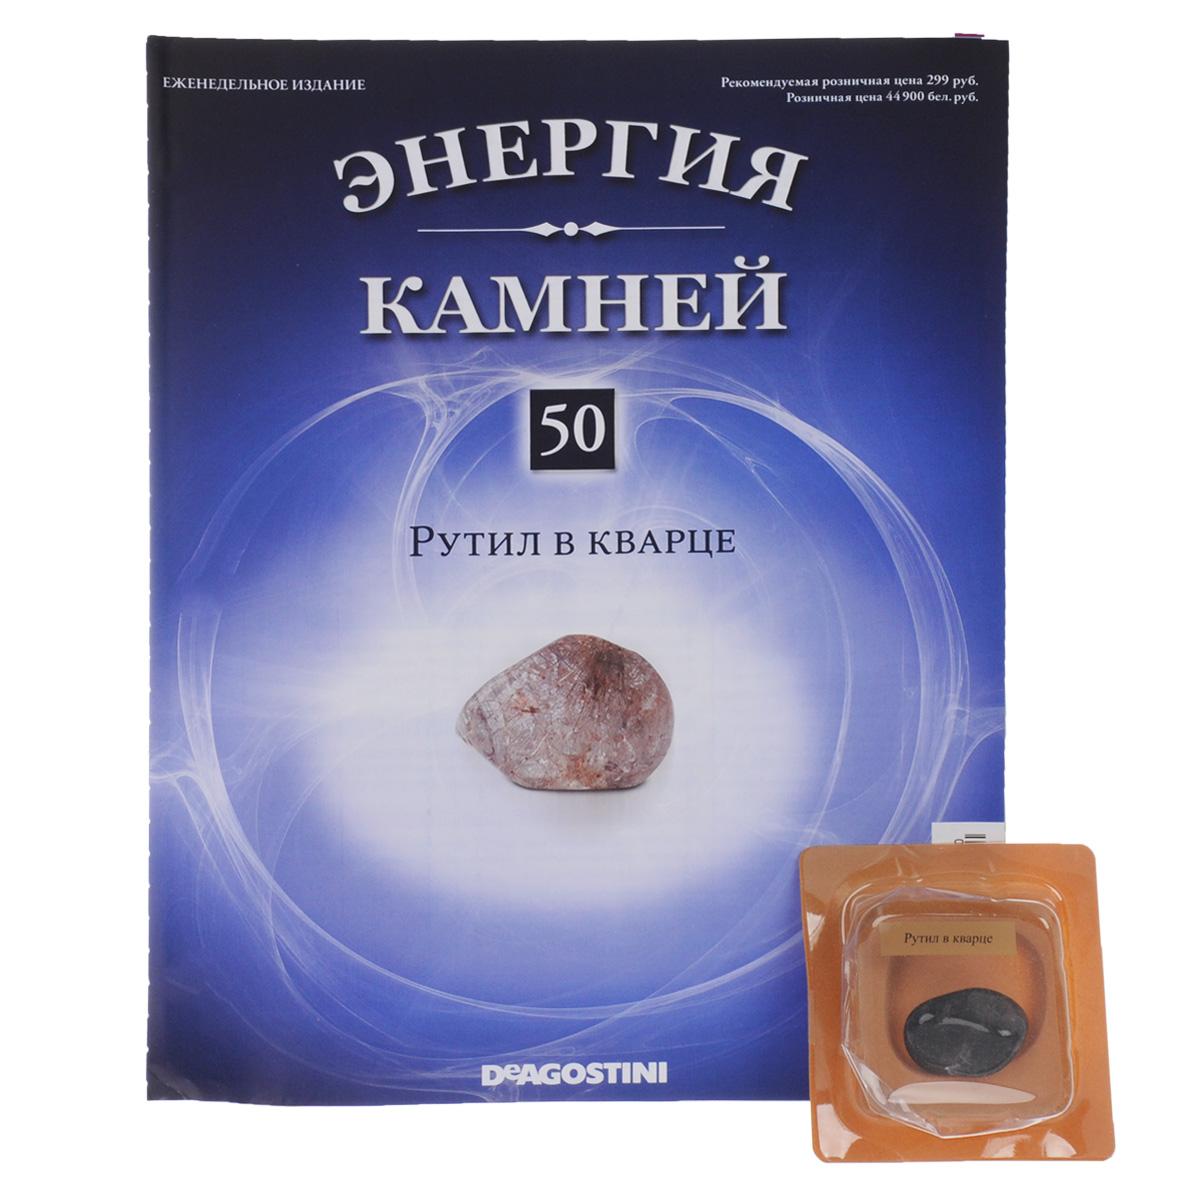 Журнал Энергия камней №50